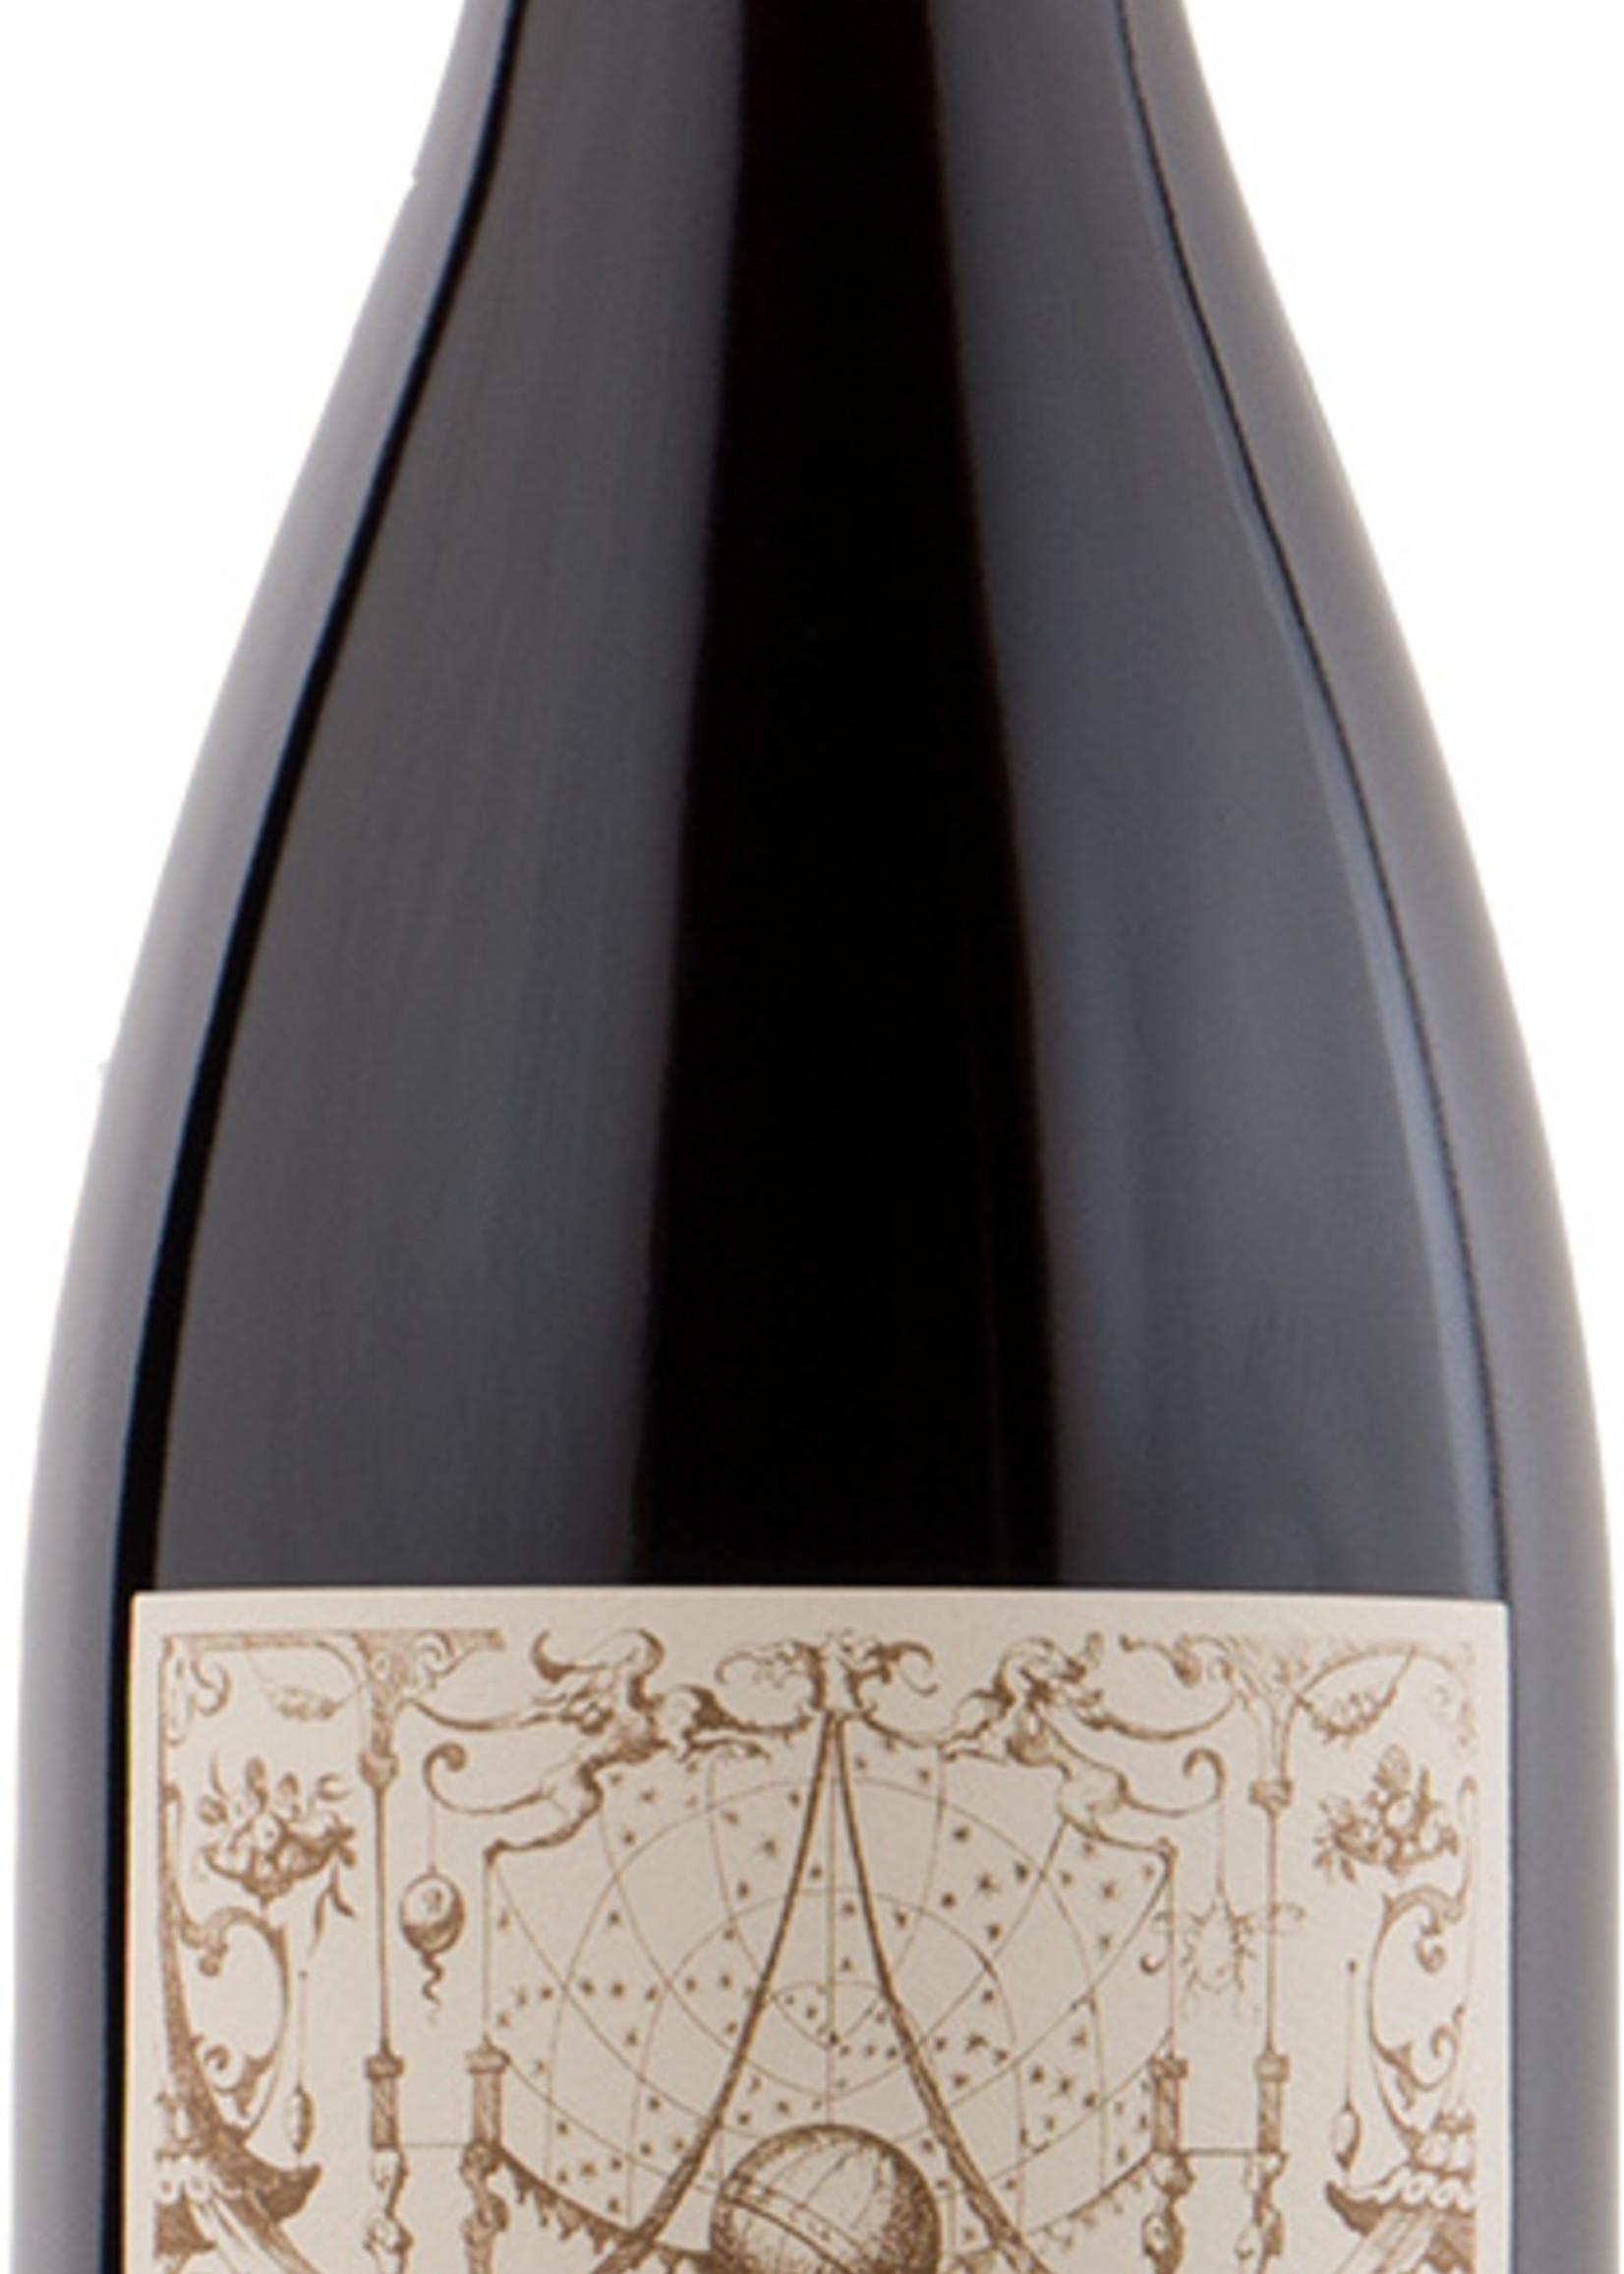 Folktale Estate Pinot Noir